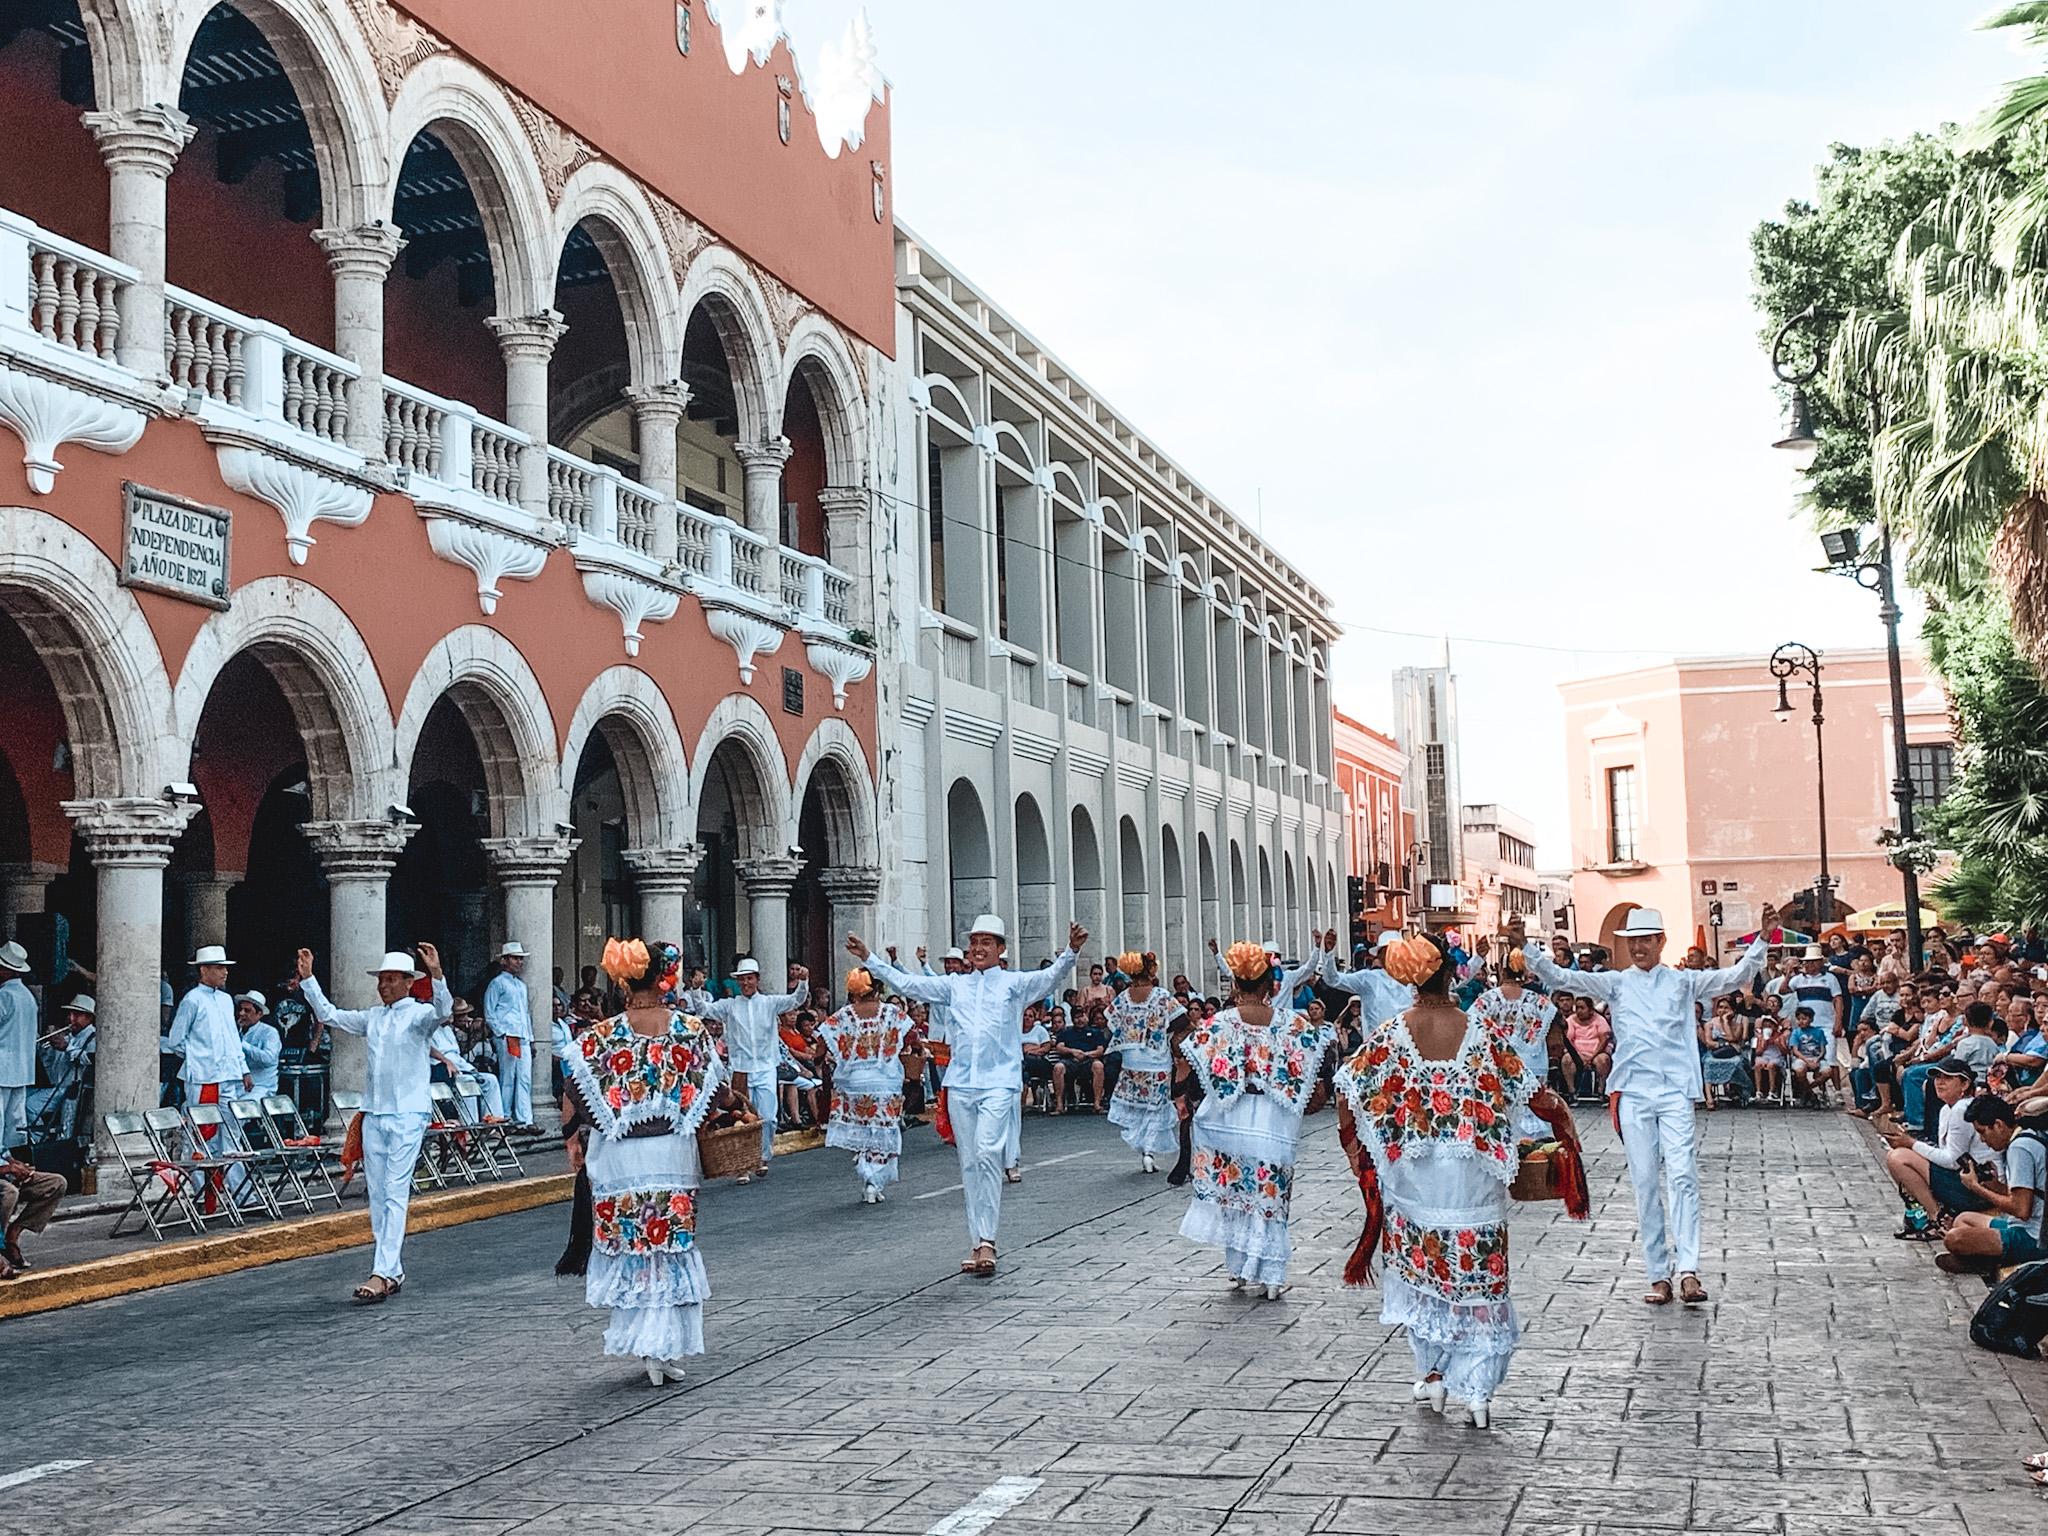 Merida-Yucatan-Andreea-Prodan10 PARADISE IN THE YUCATAN PENINSULA, MEXICO TRAVEL